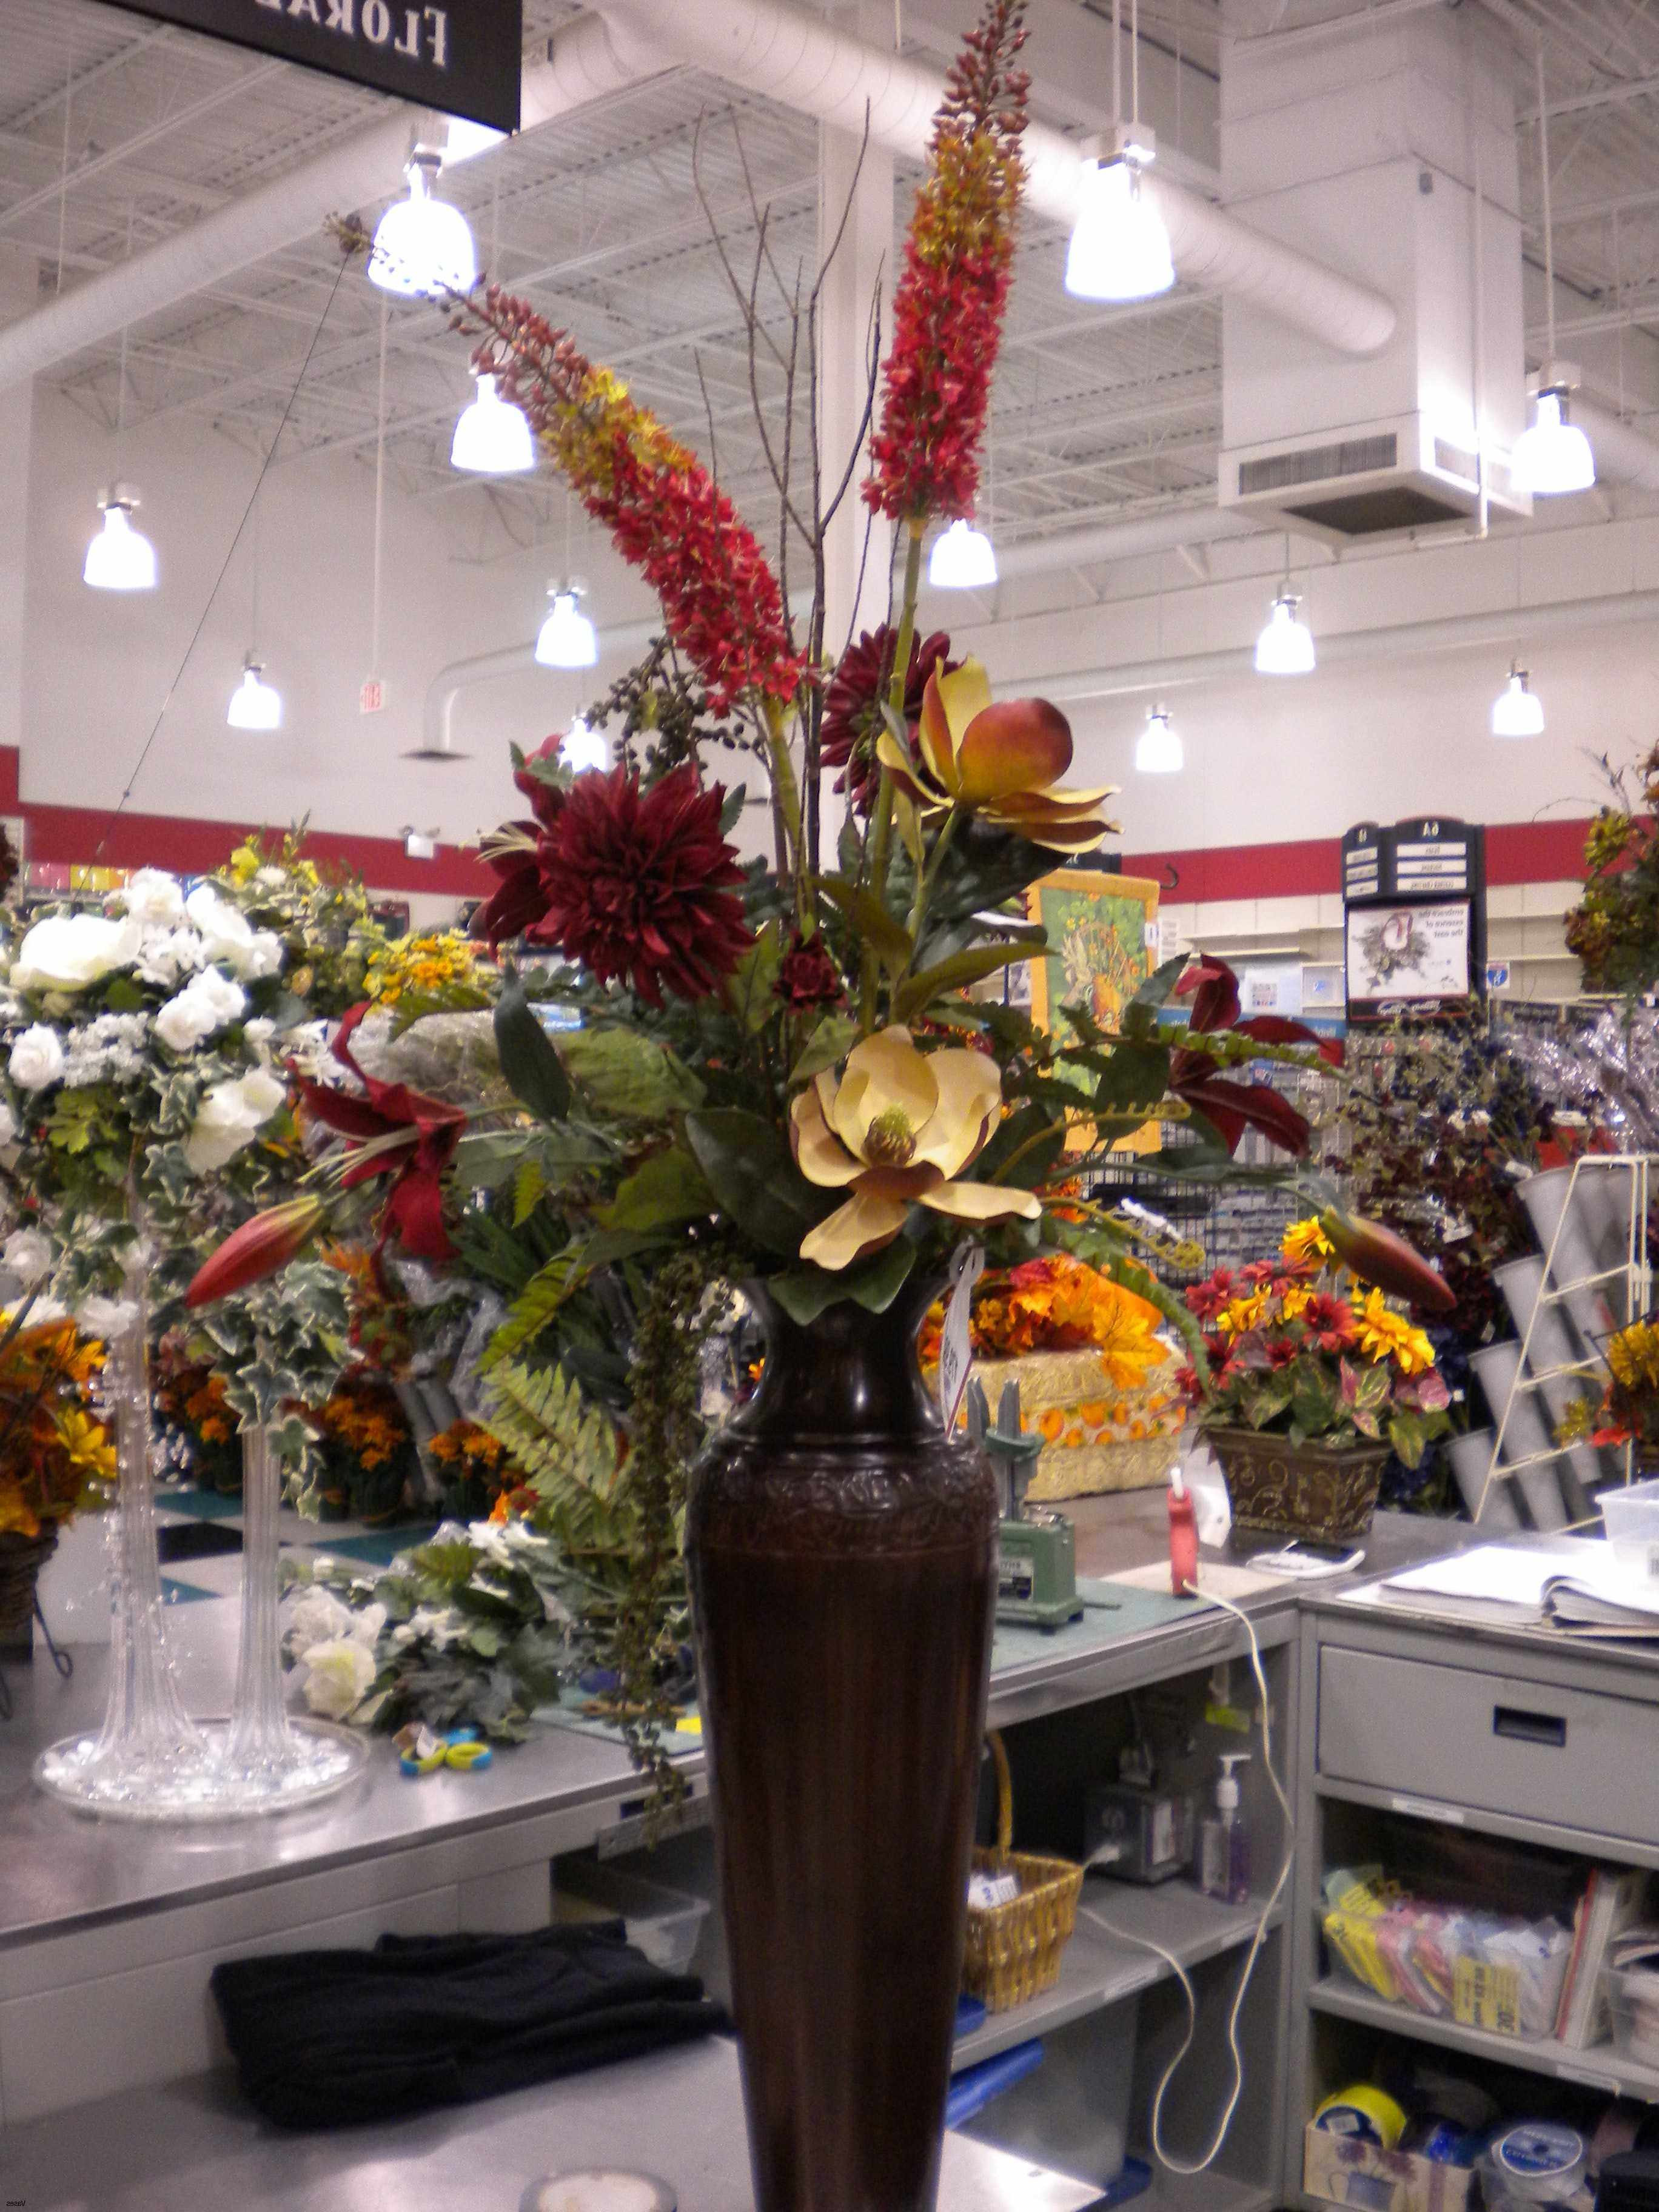 Best Flower Delivery Inspirational H Vases for Flower Arrangements I 0d Dry 60 Unique Best